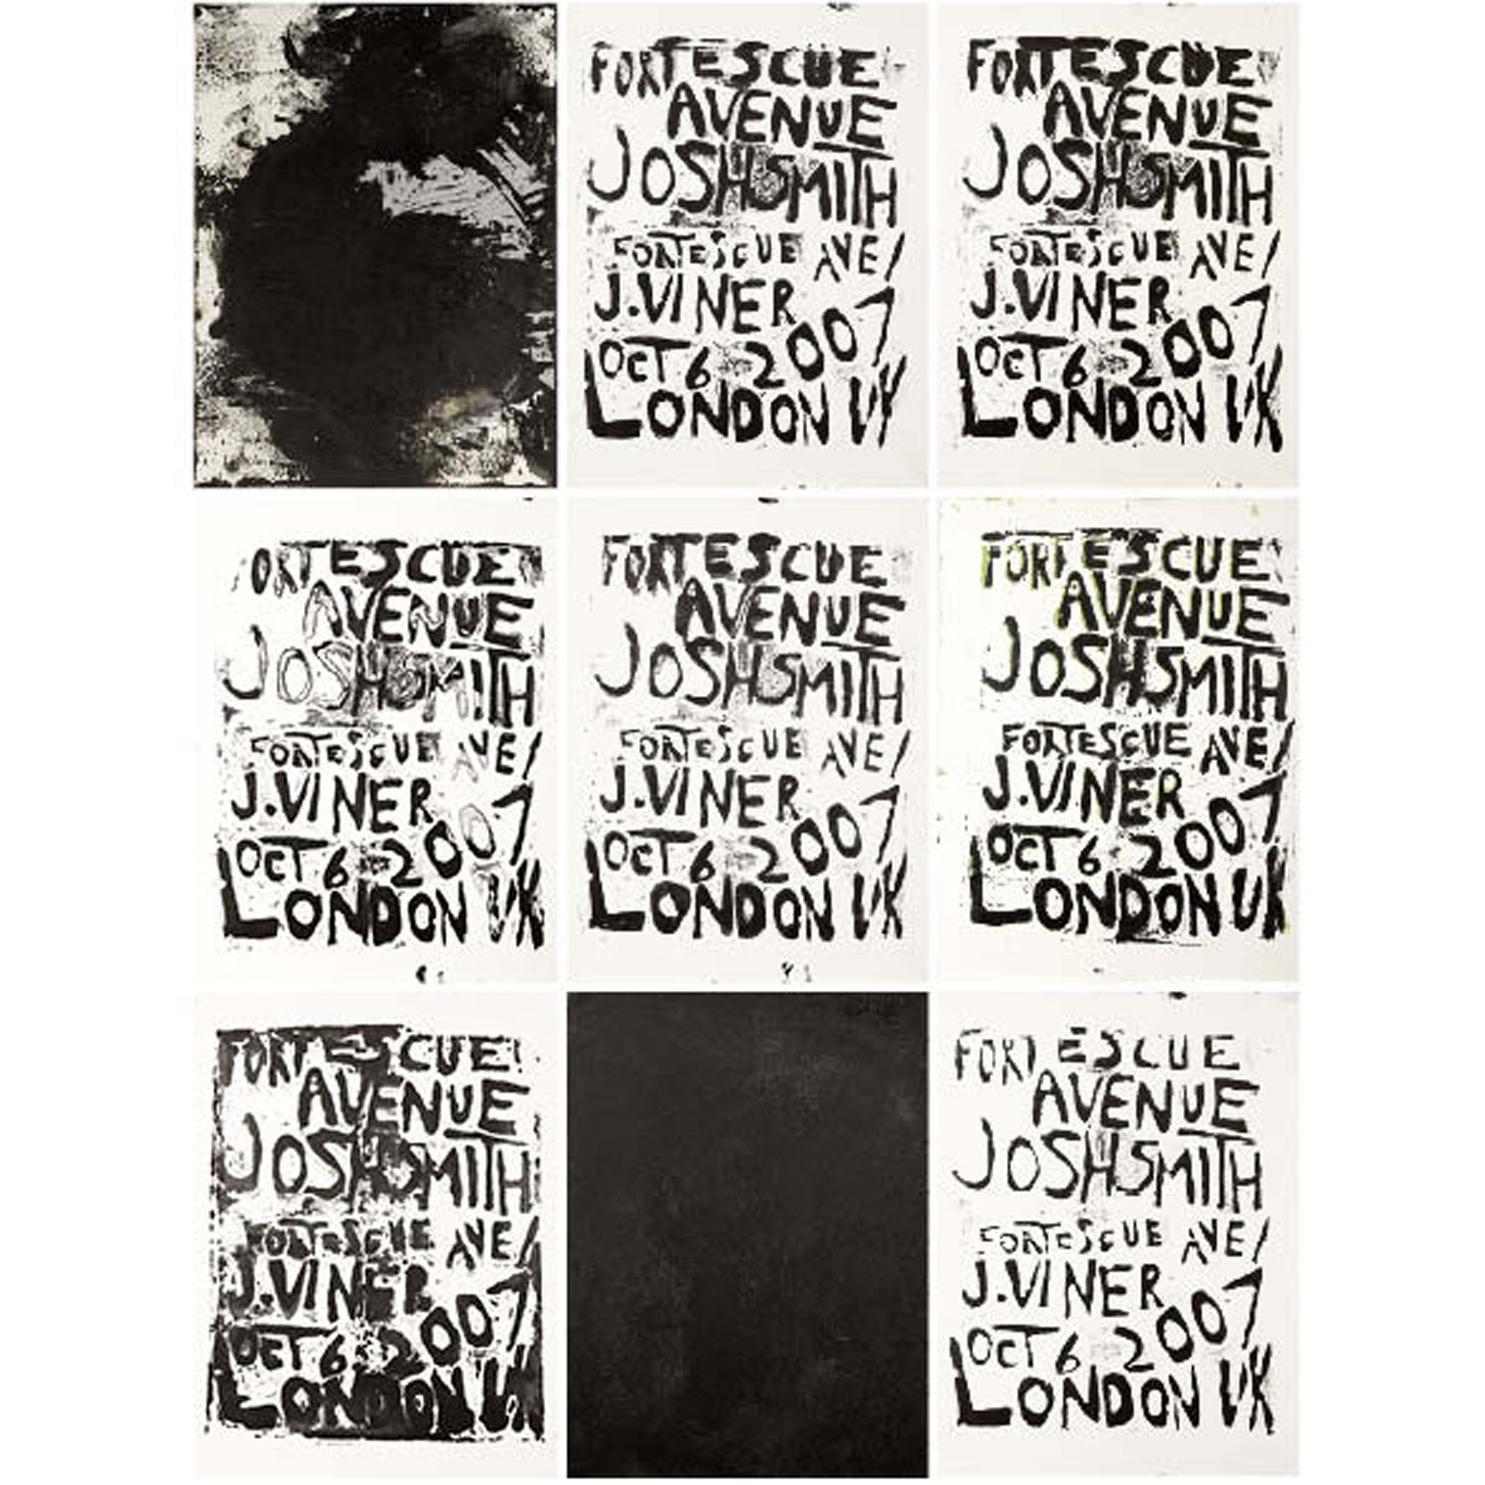 Josh Smith-Sans Titre-2007